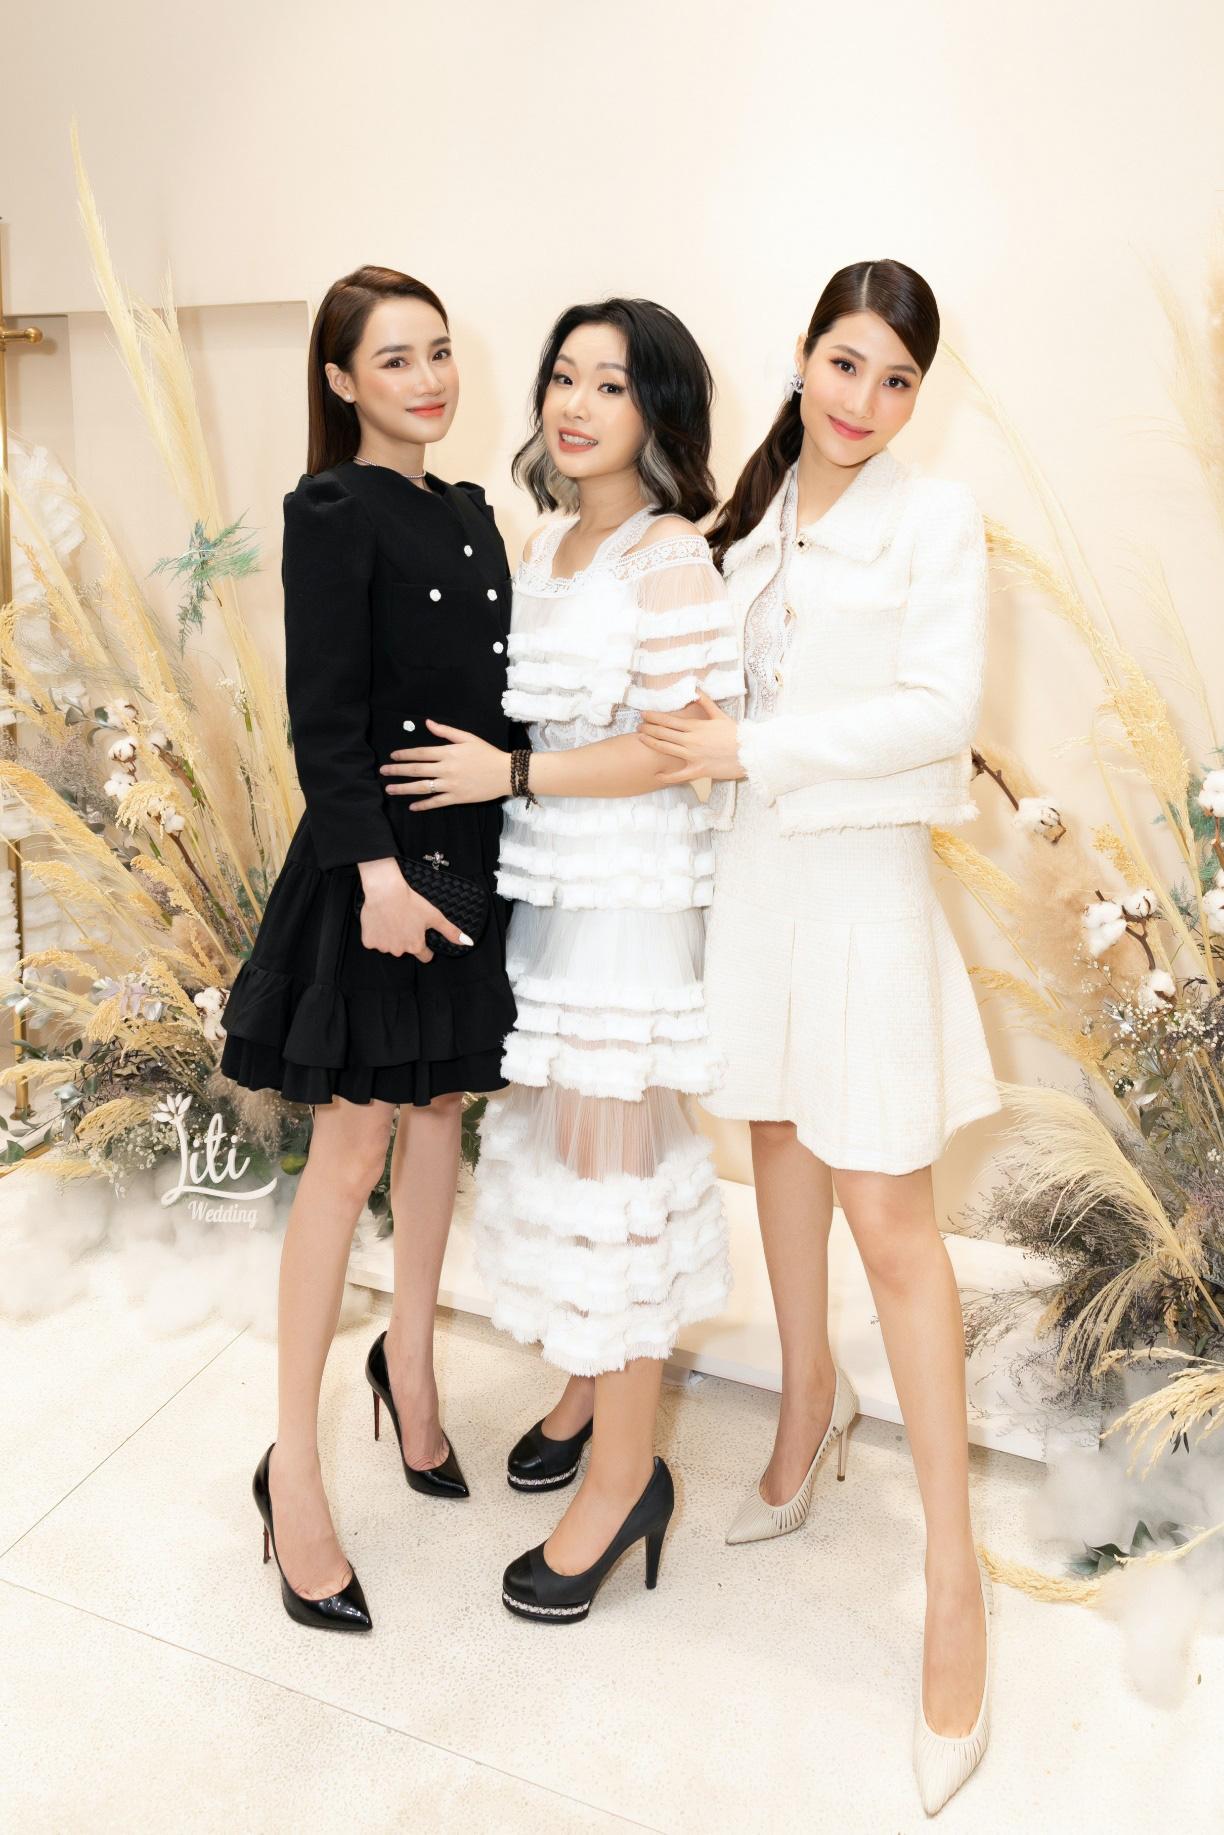 Angela Phương Trinh chính thức trở thành đại sứ thương hiệu thời trang Cindy C. - Ảnh 7.